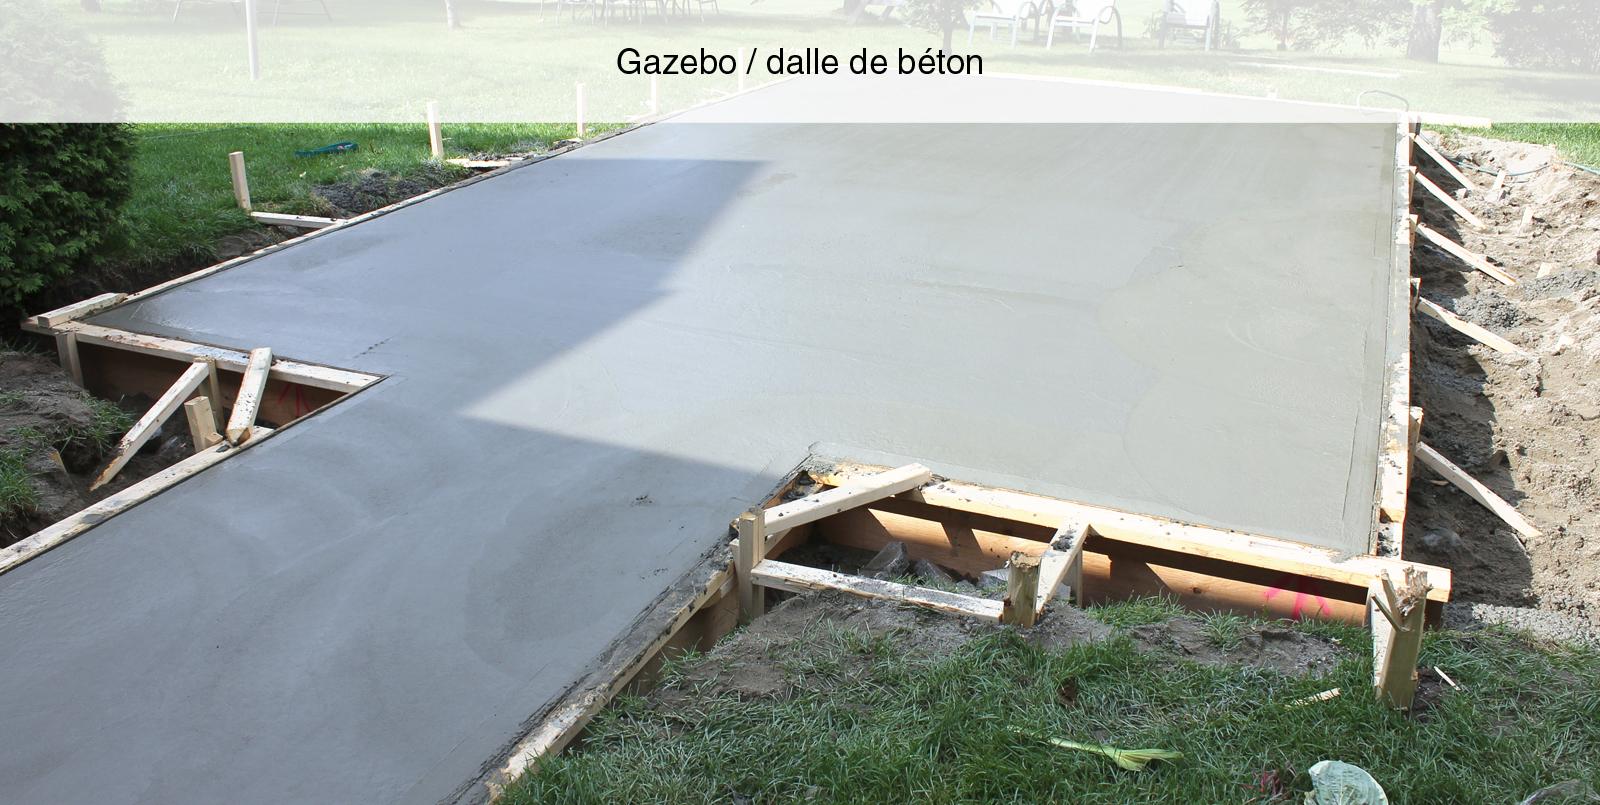 2-1-PANACHE-CONSTRUCTION-RENOVATION_GAZEBO-DALLE-DE-BETON